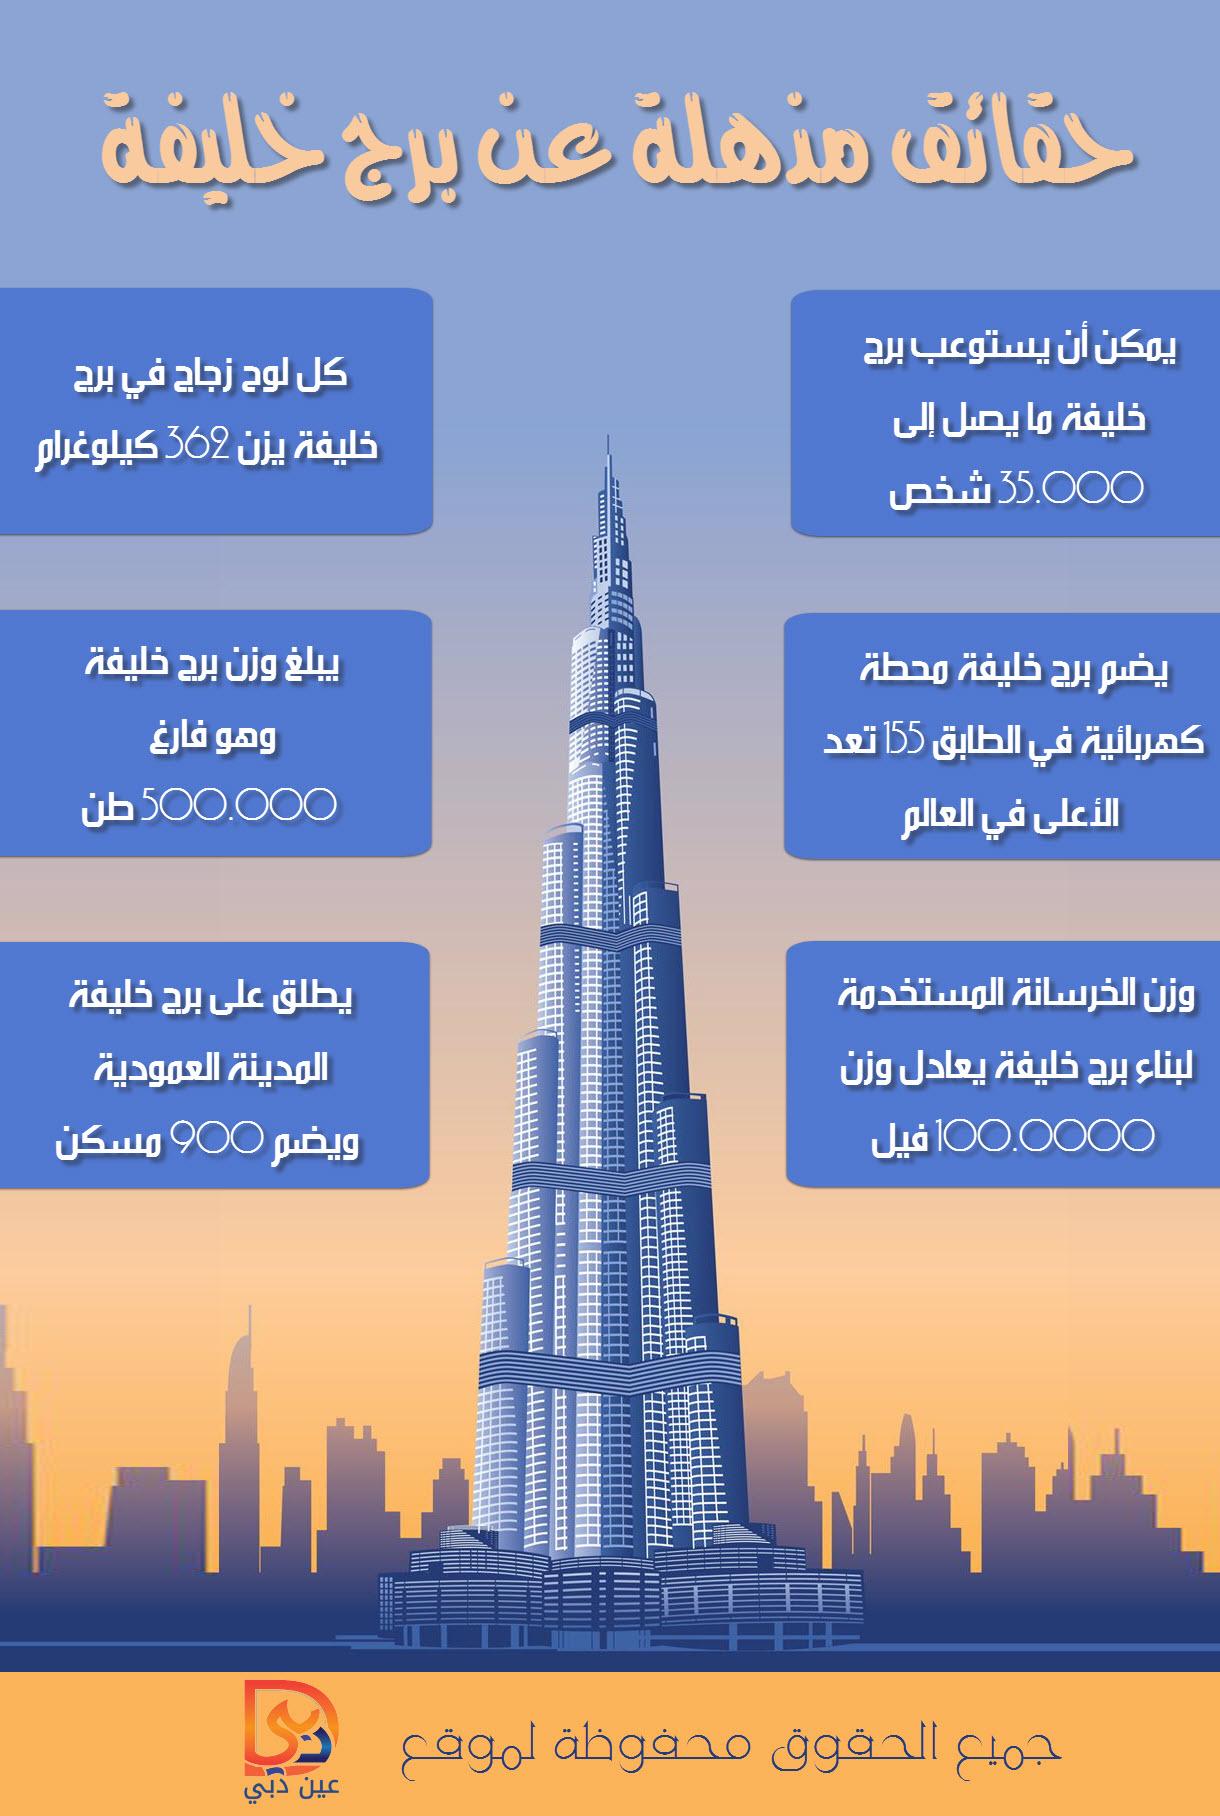 إنفوجرافيك حقائق مذهلة عن برج خليفة عين دبي